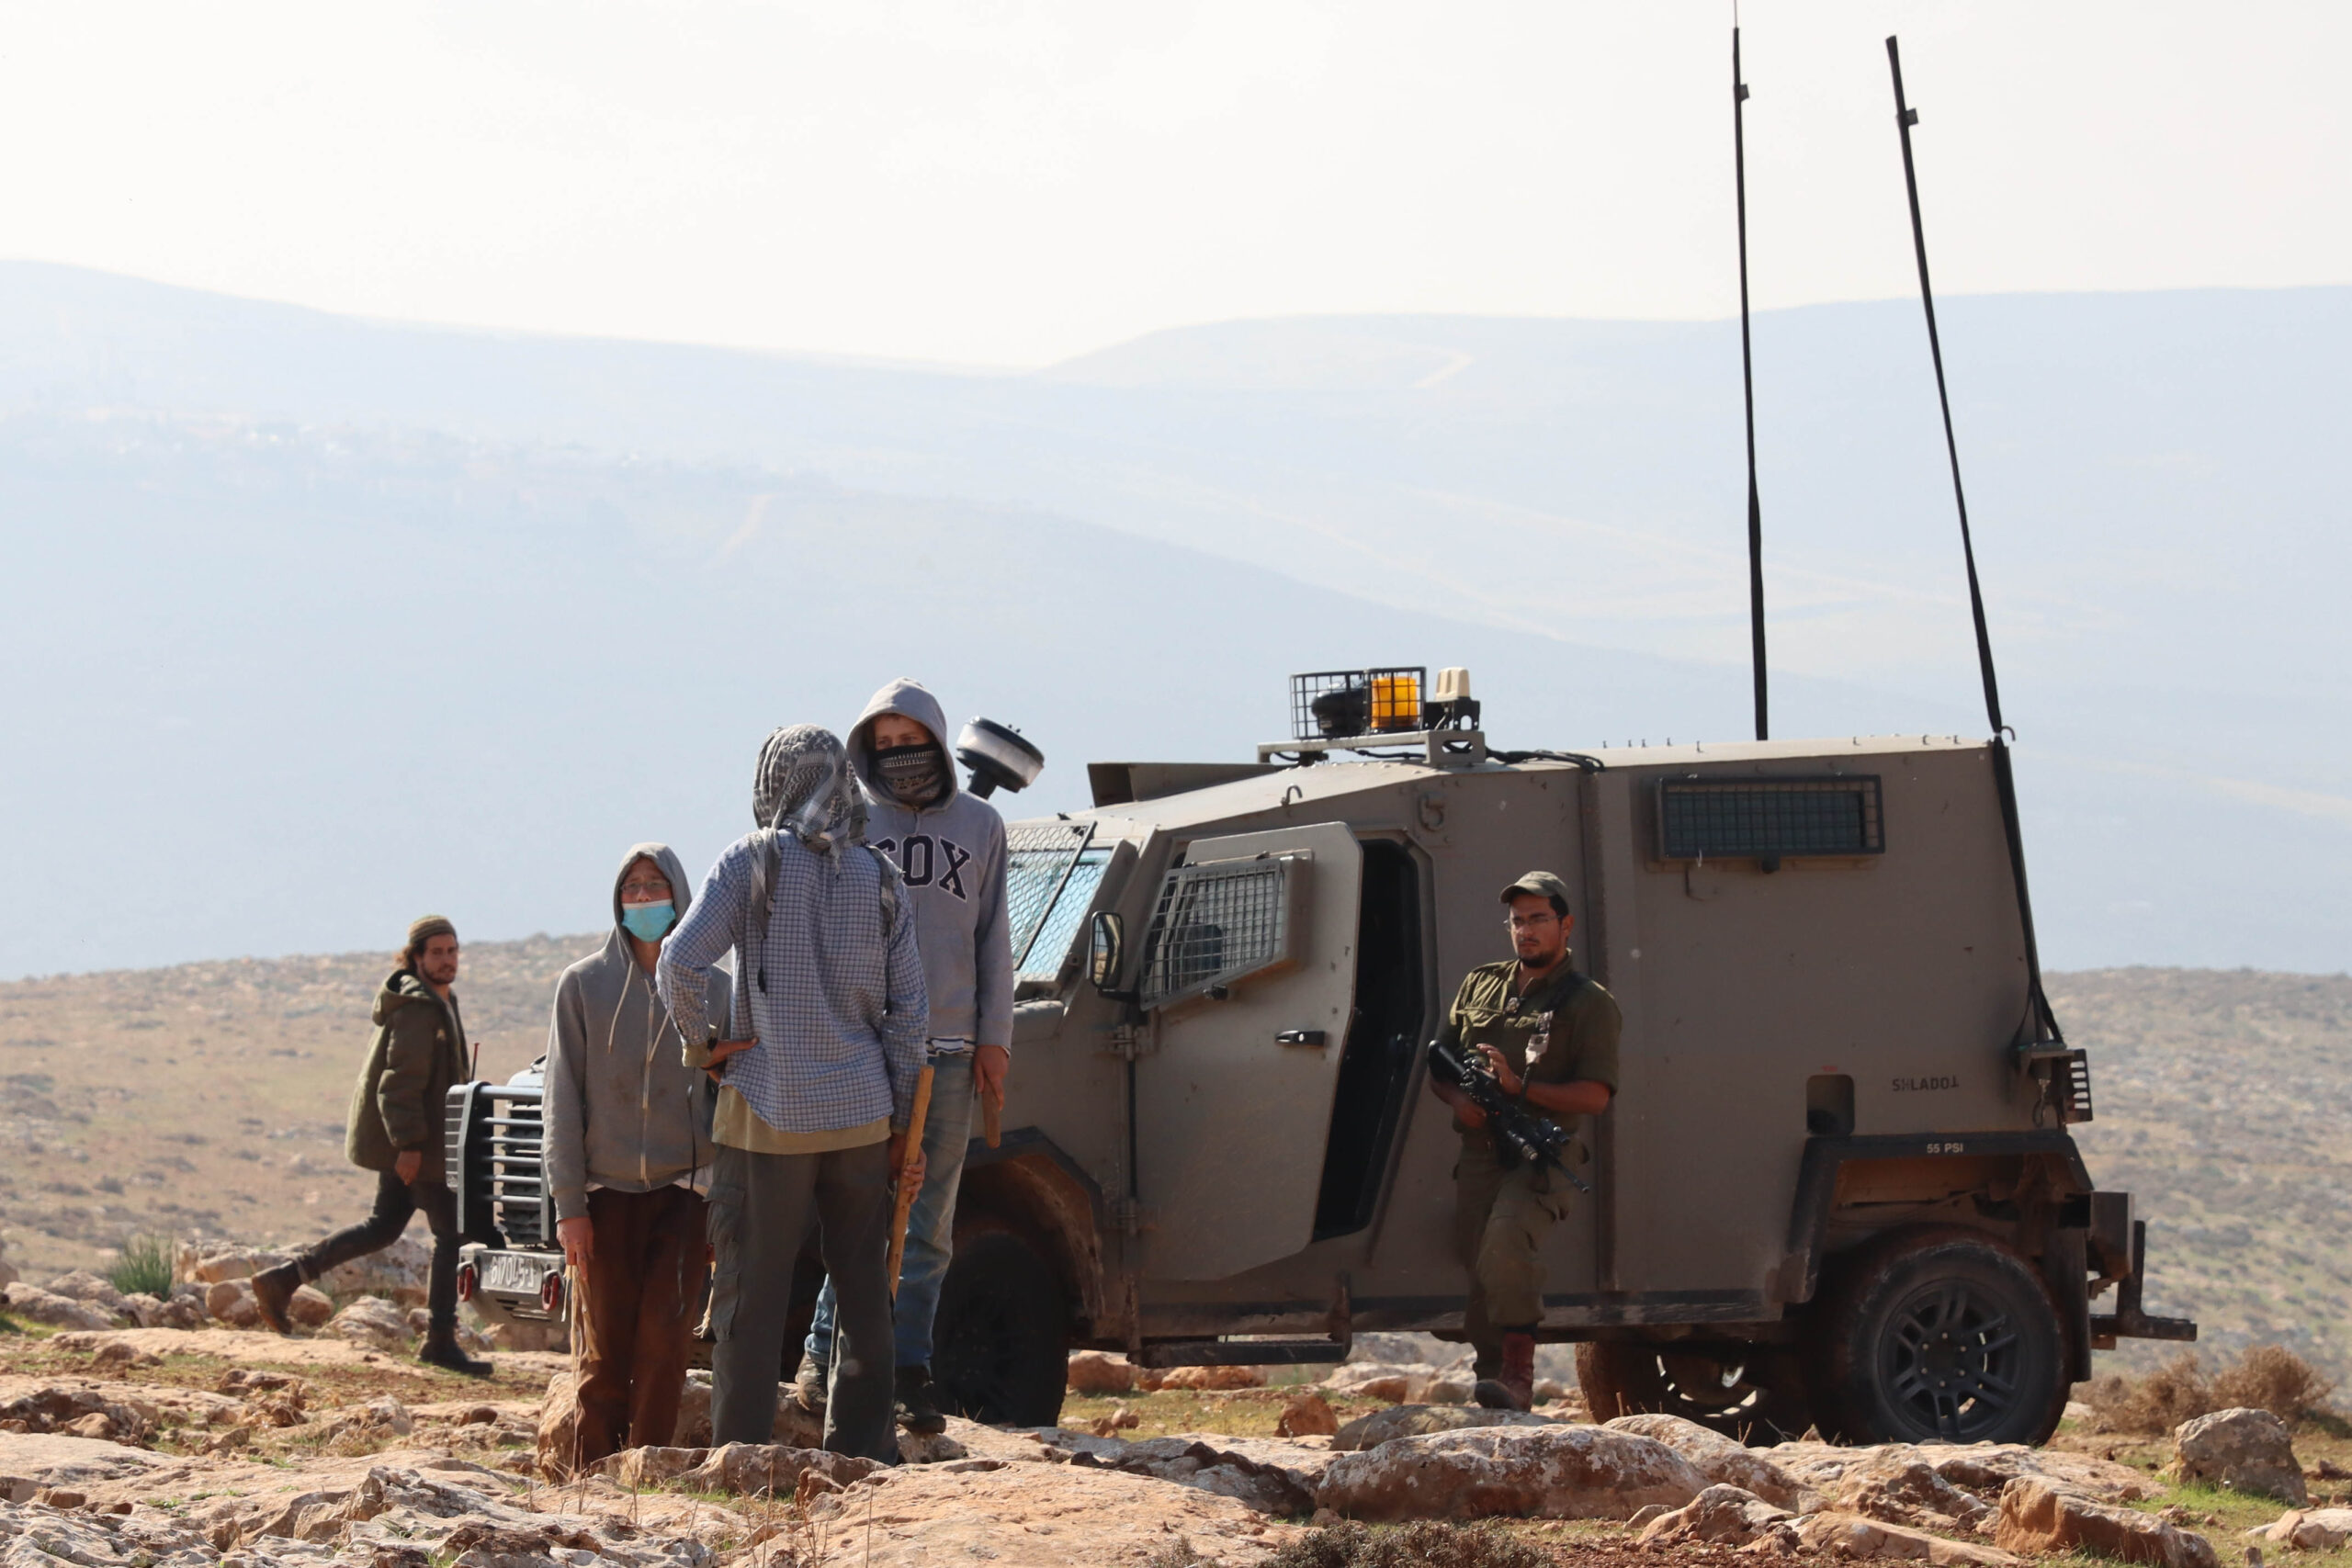 חיילים ומתנחלים ליד המאחז ״החווה של מיכה״ באזור כביש אלון (צילום: שרונה וויס/ אקטיבסטילס)